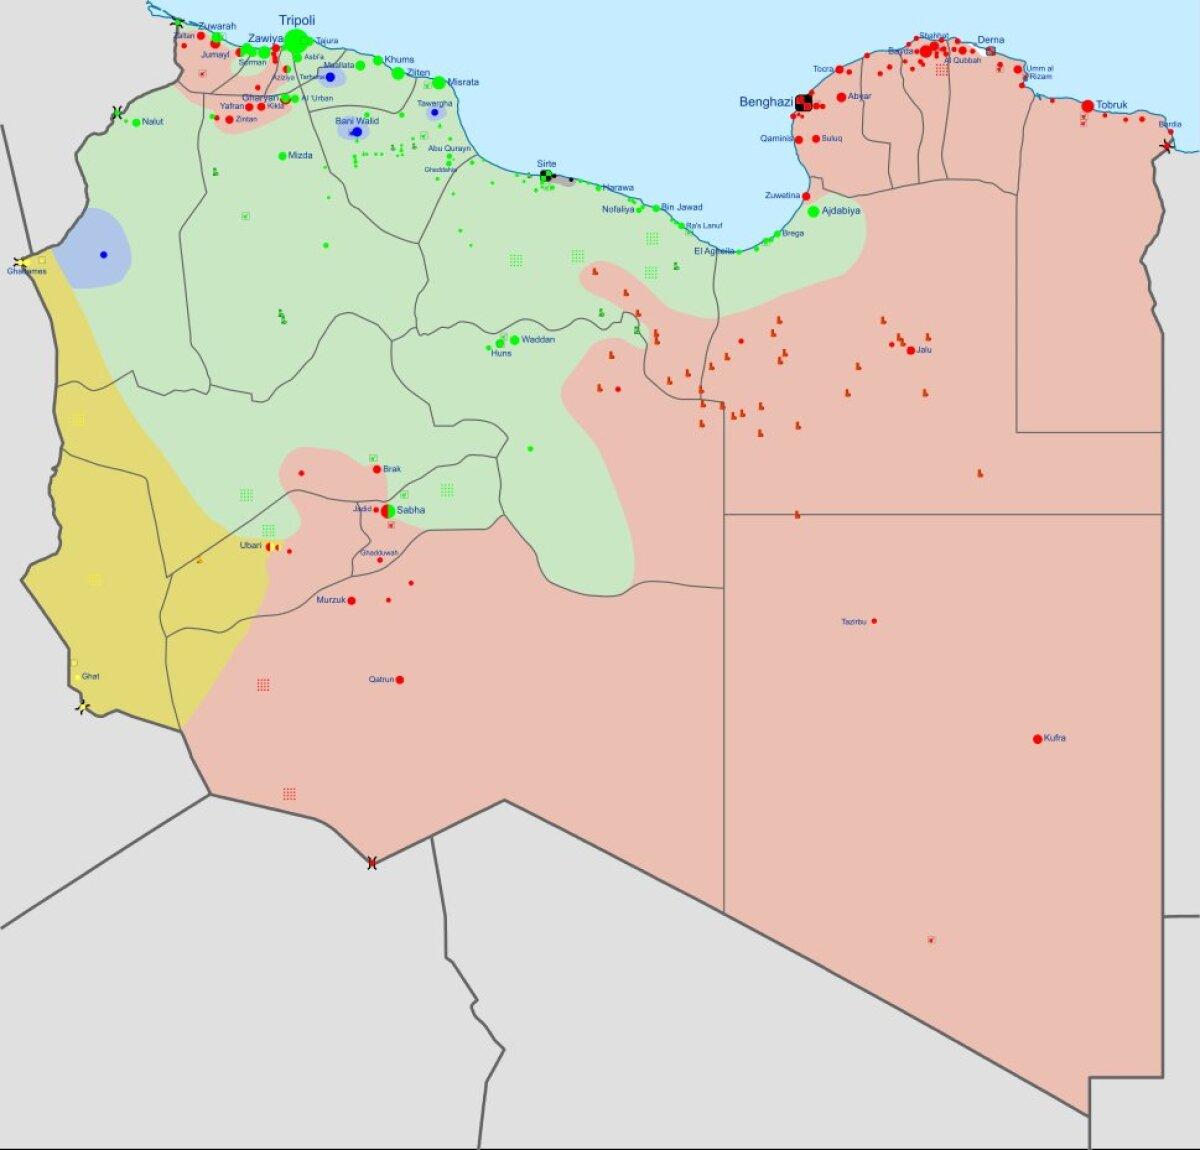 Liibüa sõjatanner, hall ala allub Islamiriigile.